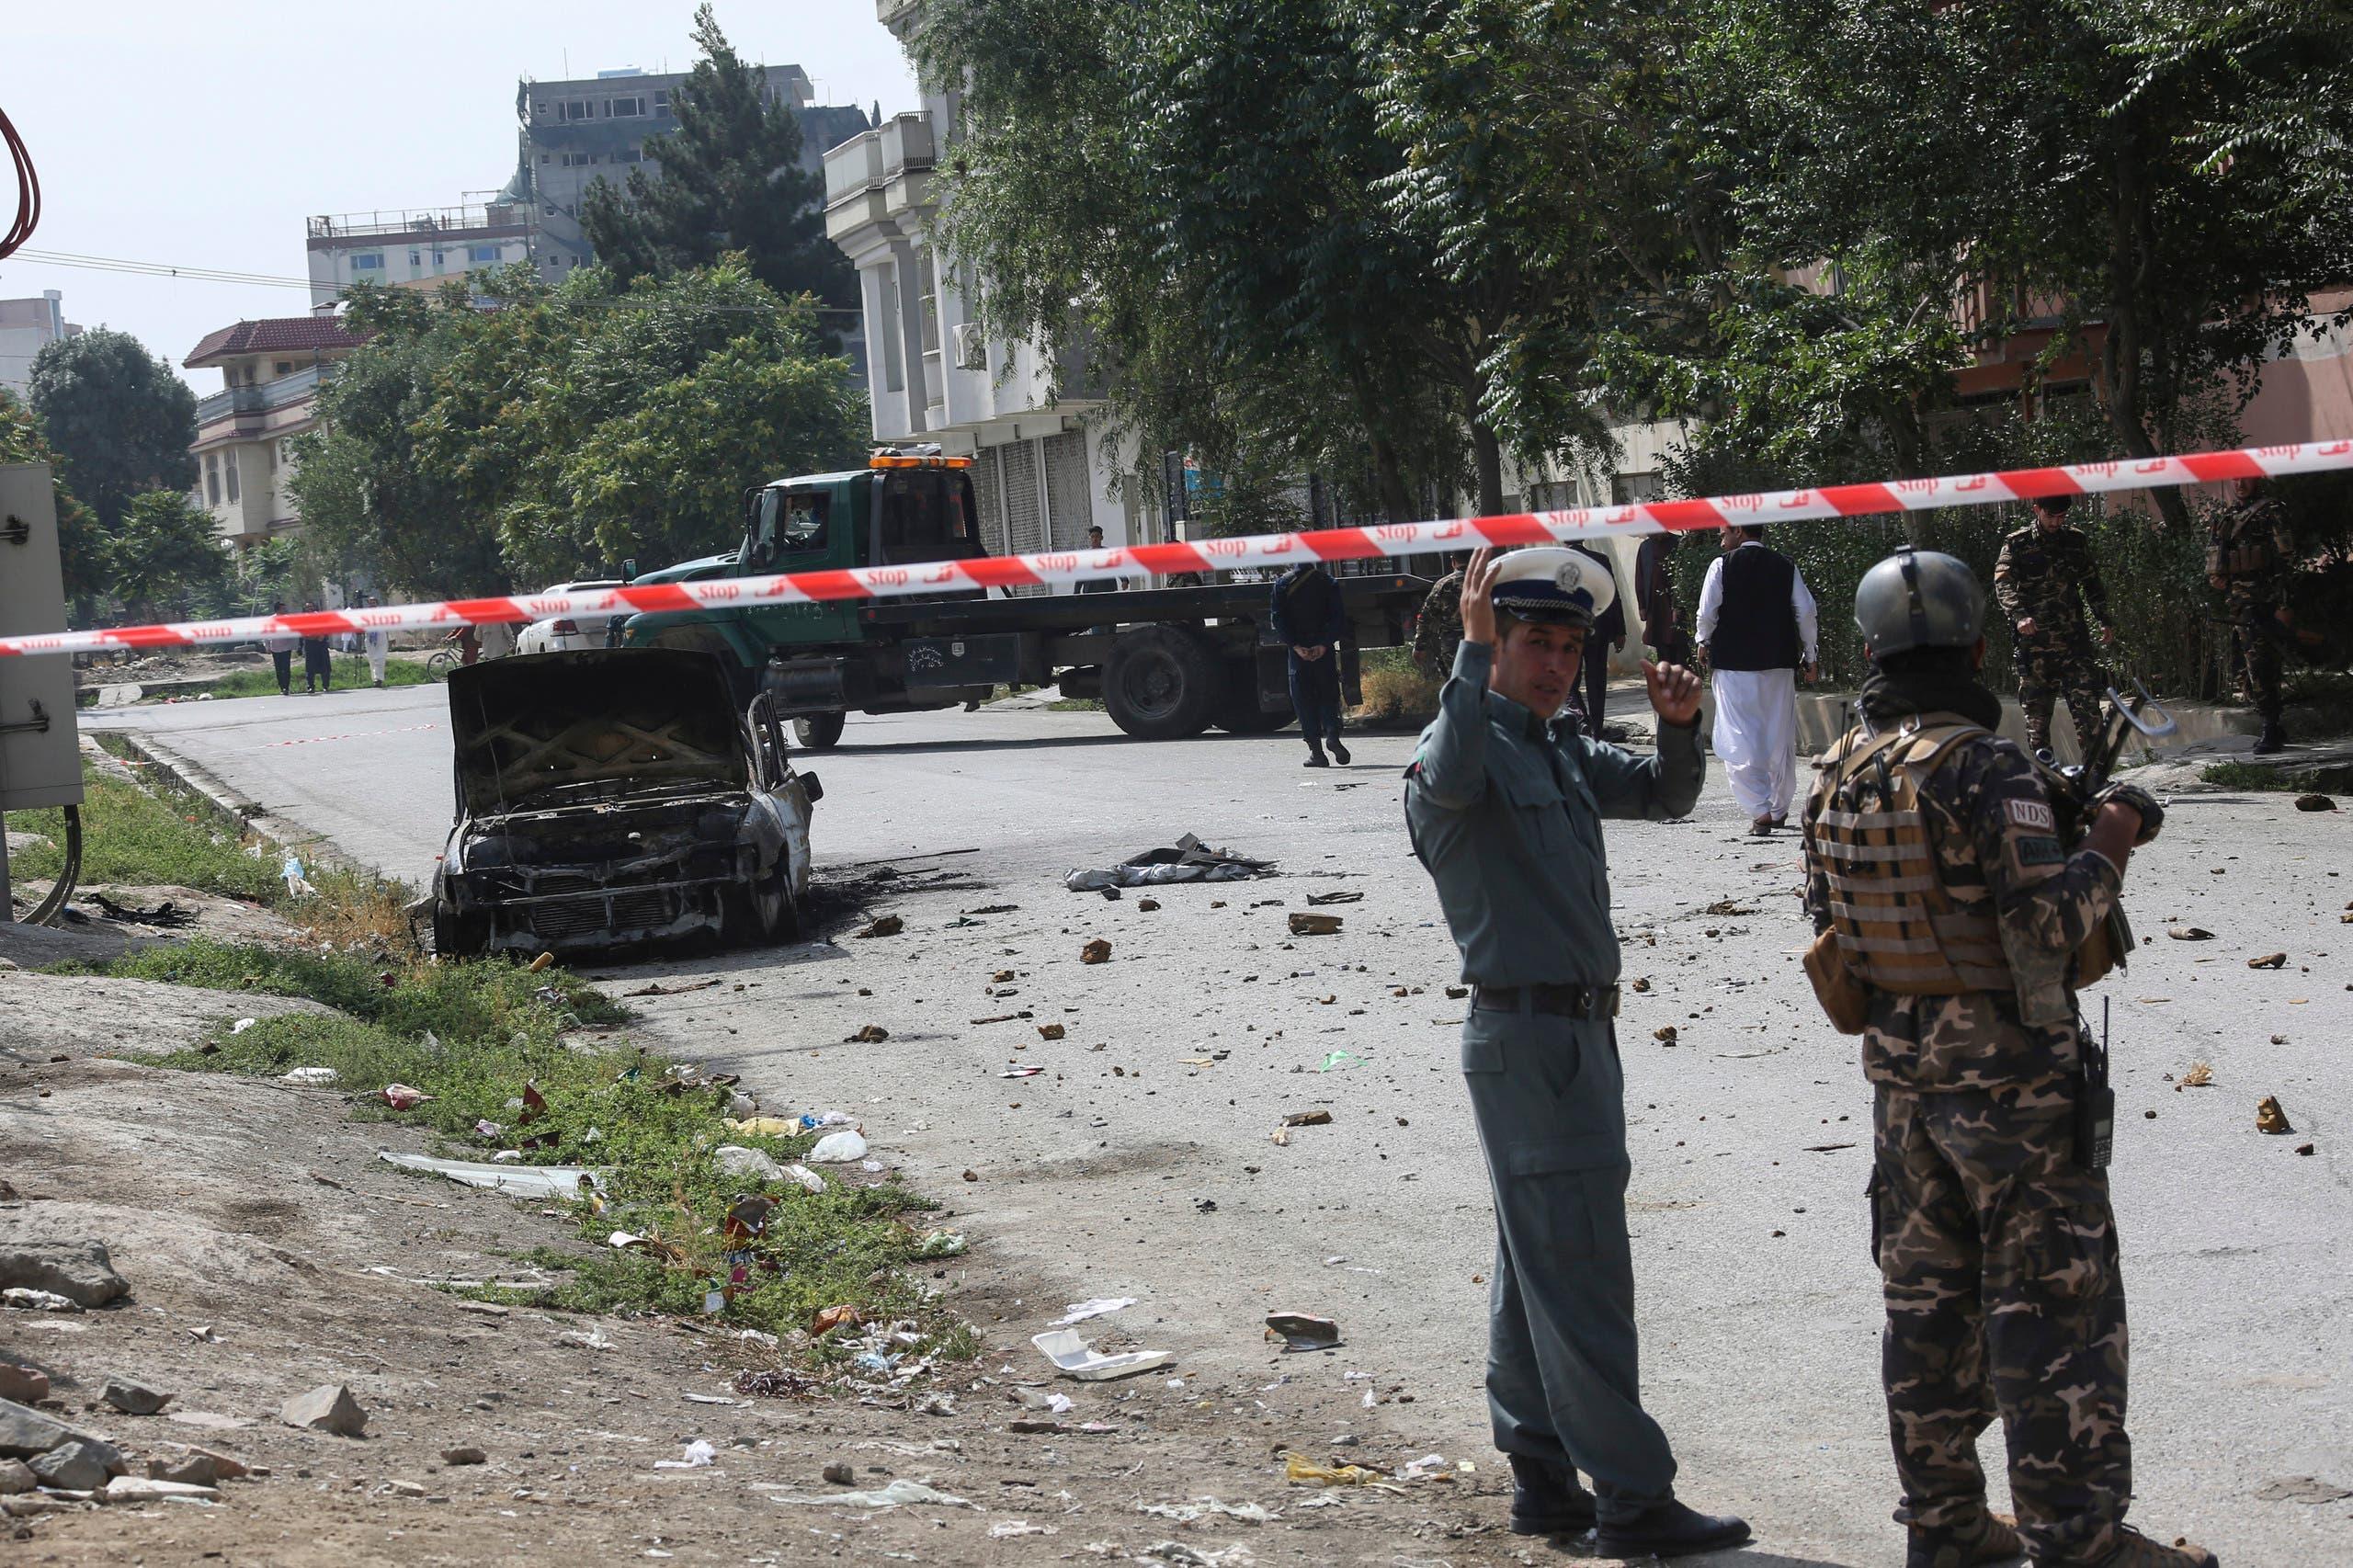 تفحم سيارة إثر سقوط صواريخ أمس قرب القصر الرئاسي في كابول